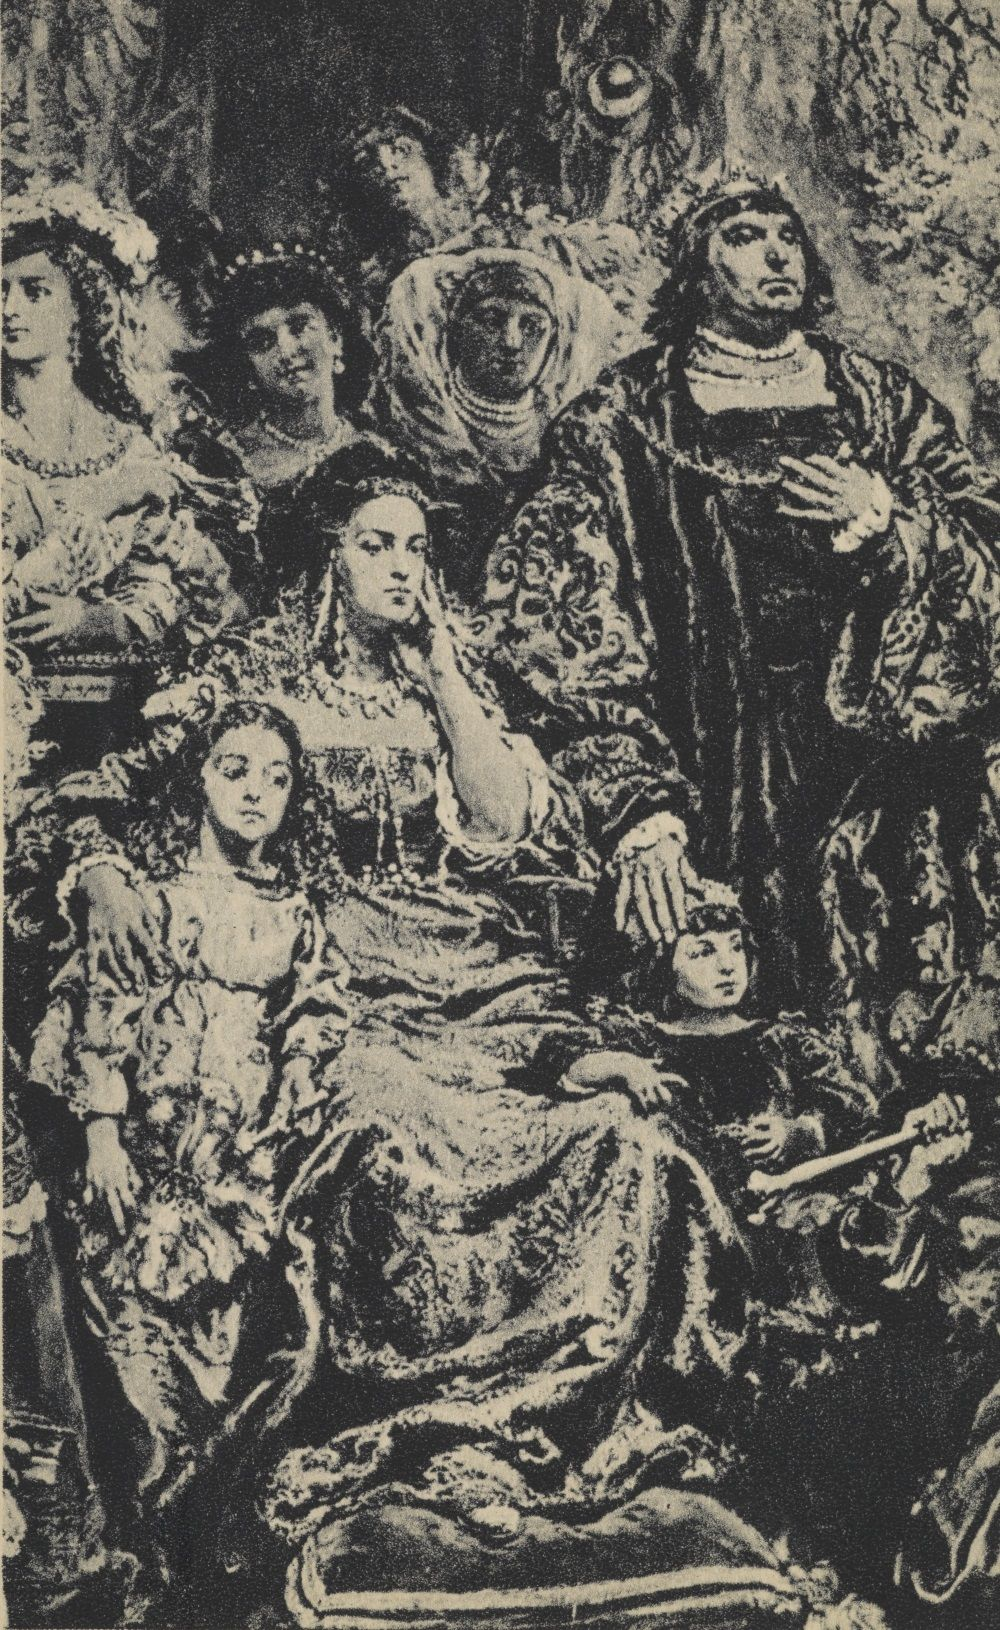 Królowa Bona wraz z mężem i małoletnim synem. Szkic Jana Matejki.